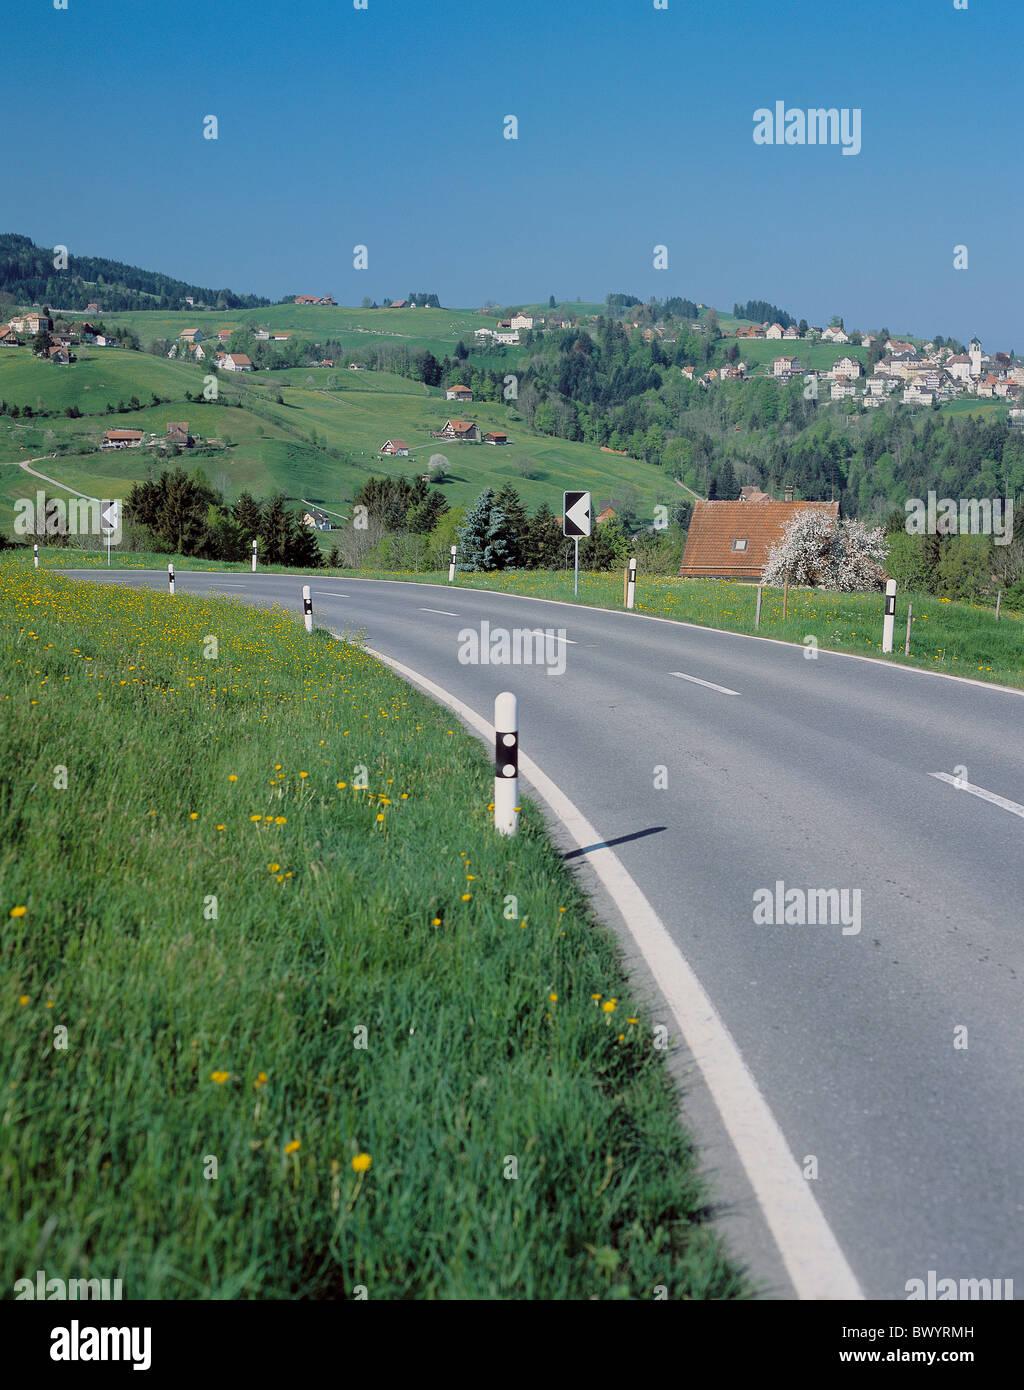 Country Road calle Europa Suiza Appenzell detrás engañoso Paisaje Foto de stock